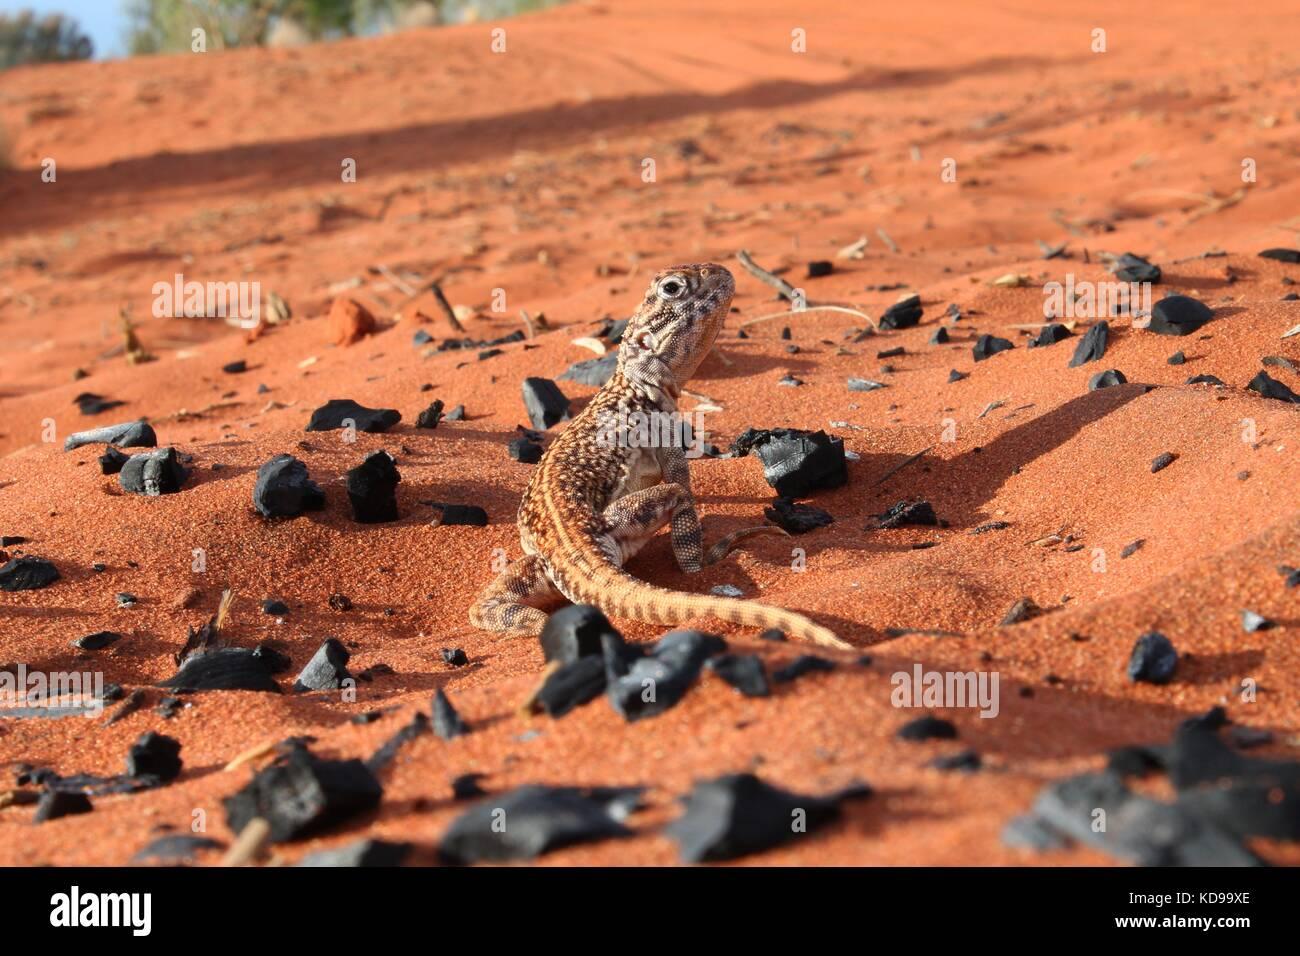 Lizard, Australian desert, Red soil - Stock Image